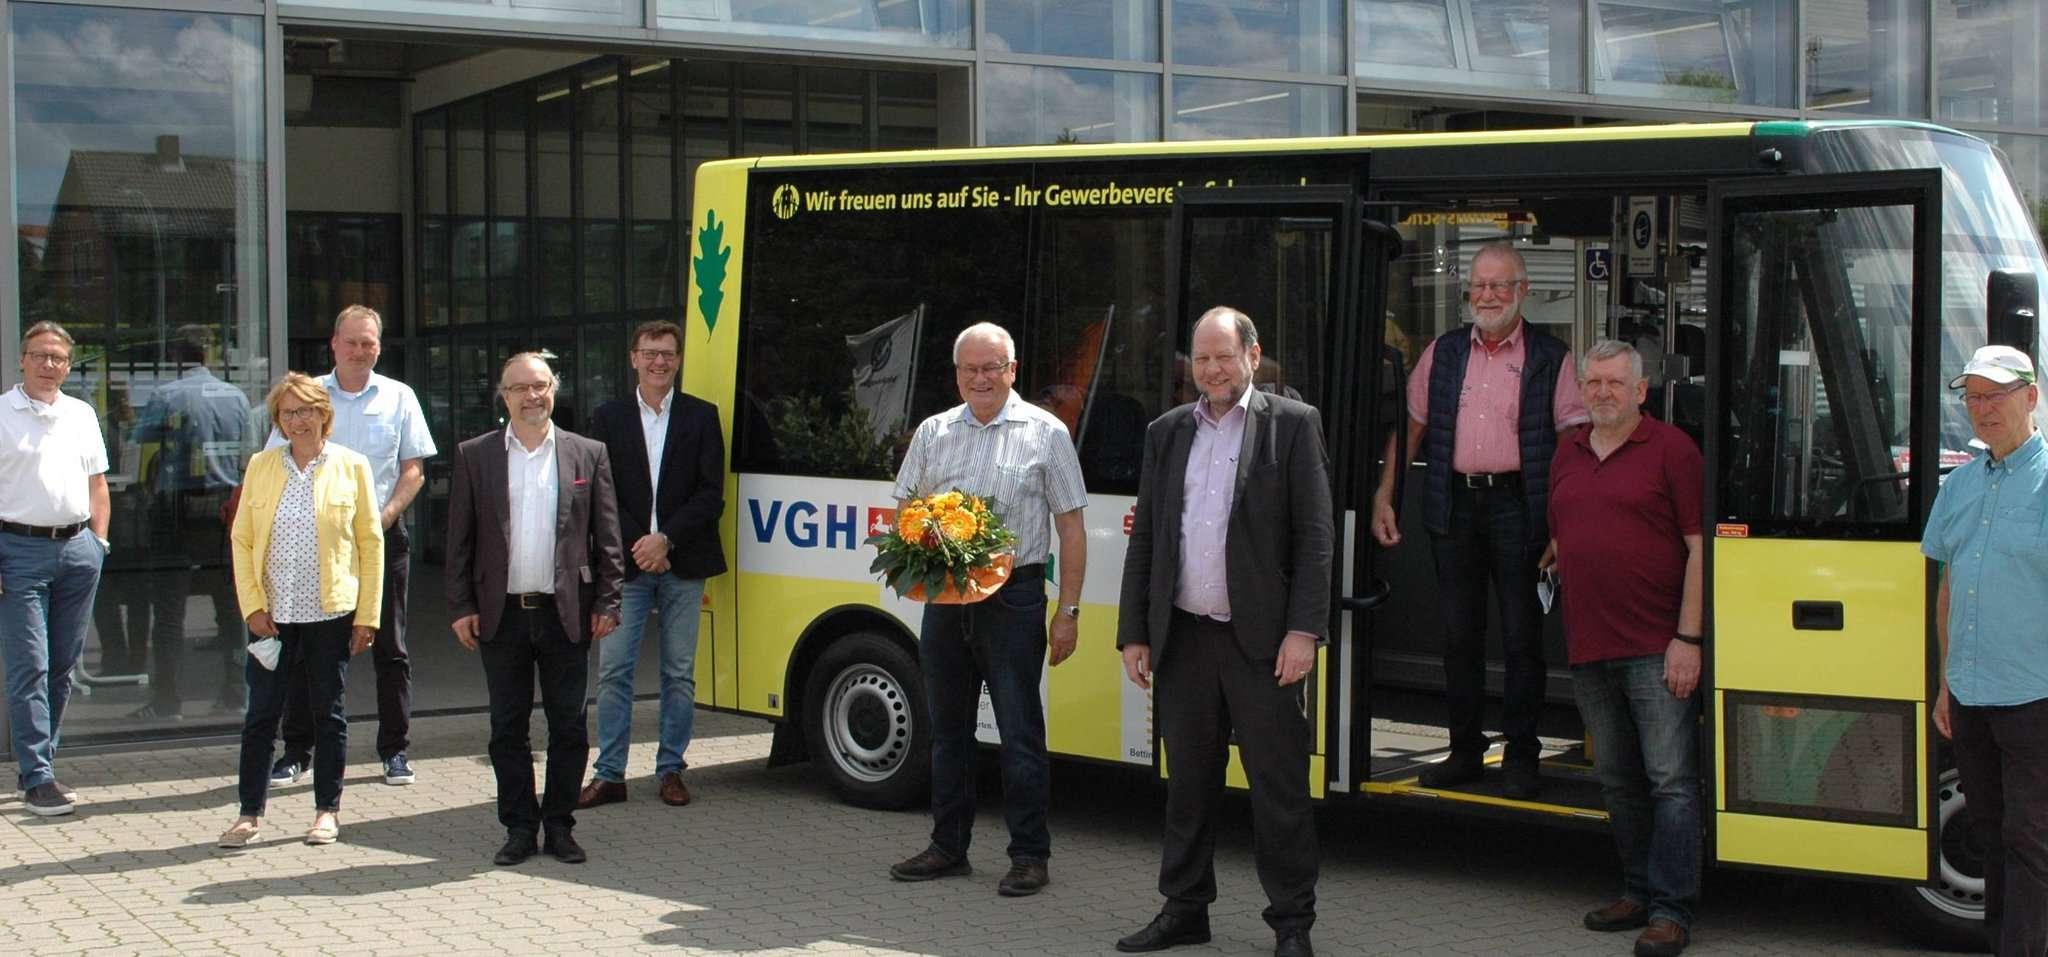 Die Vereinsverantwortlichen nehmen im Beisein von Bürgermeisterin Käthe Dittmer-Scheele, Torsten Meyer vom Autohaus Holst (ganz links außen), Georg Bachmann von Fibe-Bus (vierter von links) sowie Sponsoren und Verantwortlichen den neuen Bus entgegen. Fotos: Jens Lou00ebs